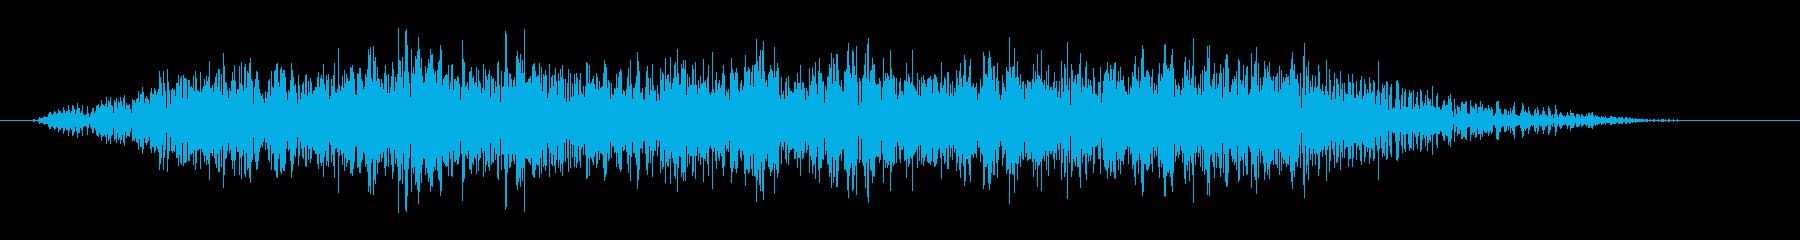 おおー(複数人)の再生済みの波形